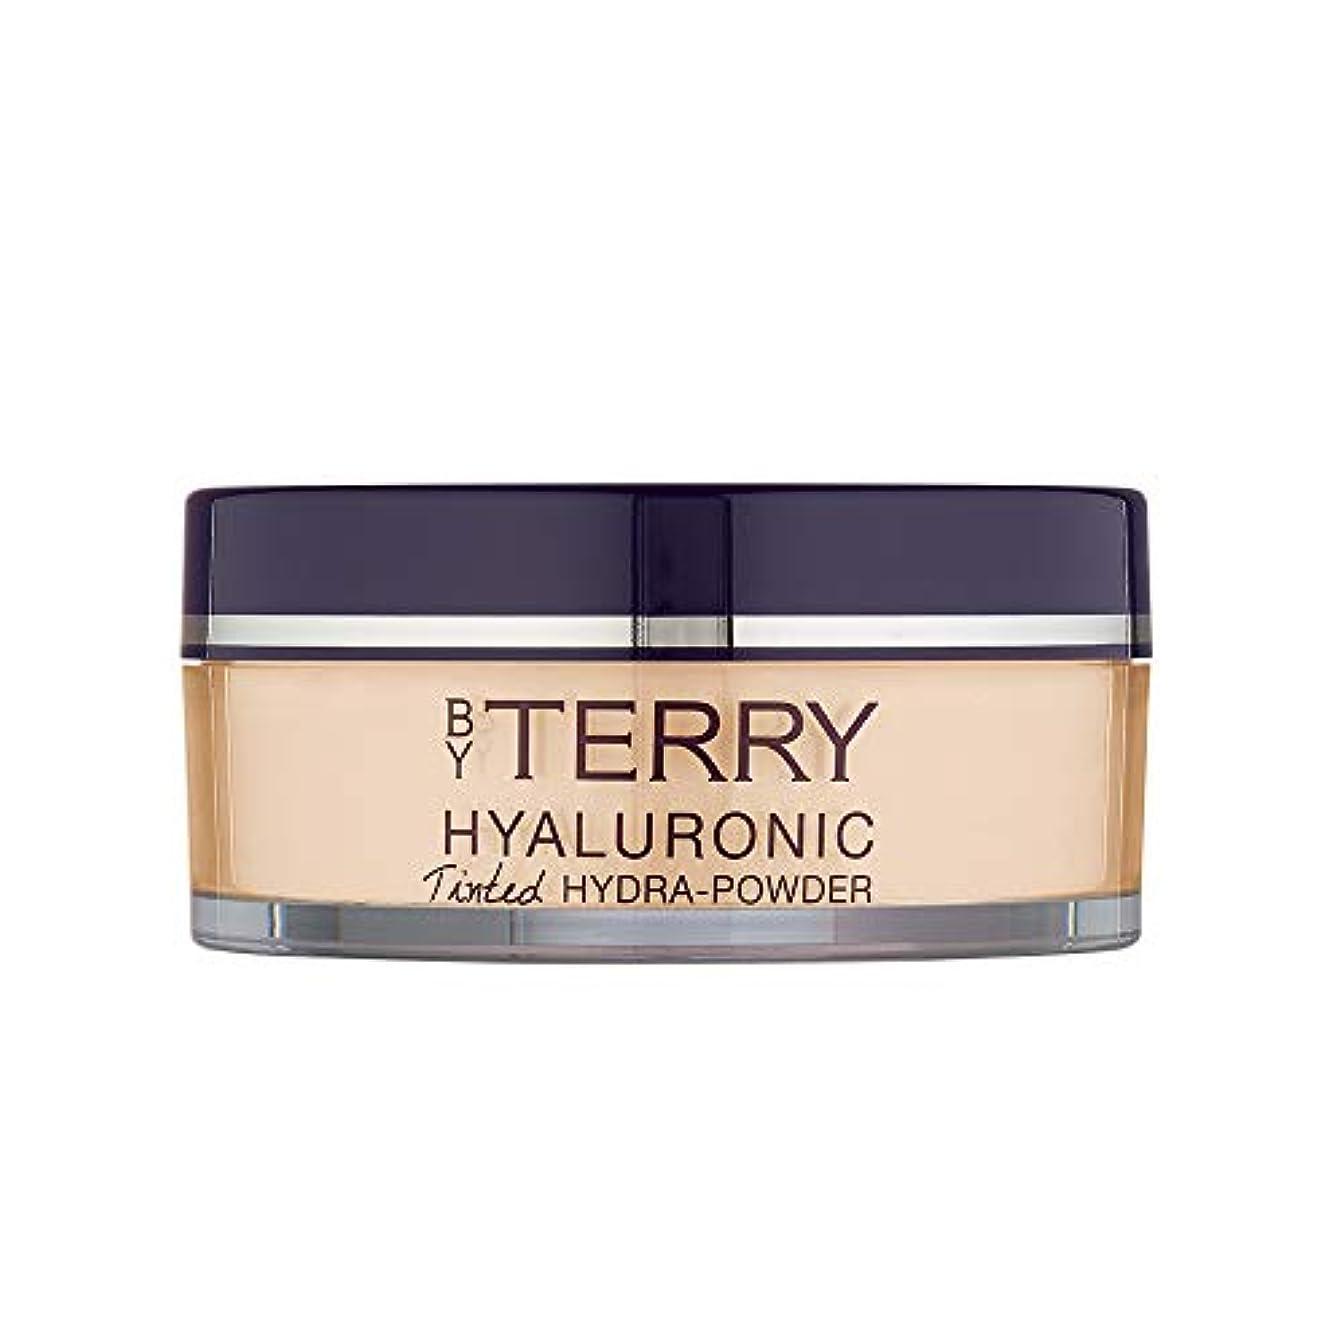 気怠い乳製品日焼けバイテリー Hyaluronic Tinted Hydra Care Setting Powder - # 100 Fair 10g/0.35oz並行輸入品